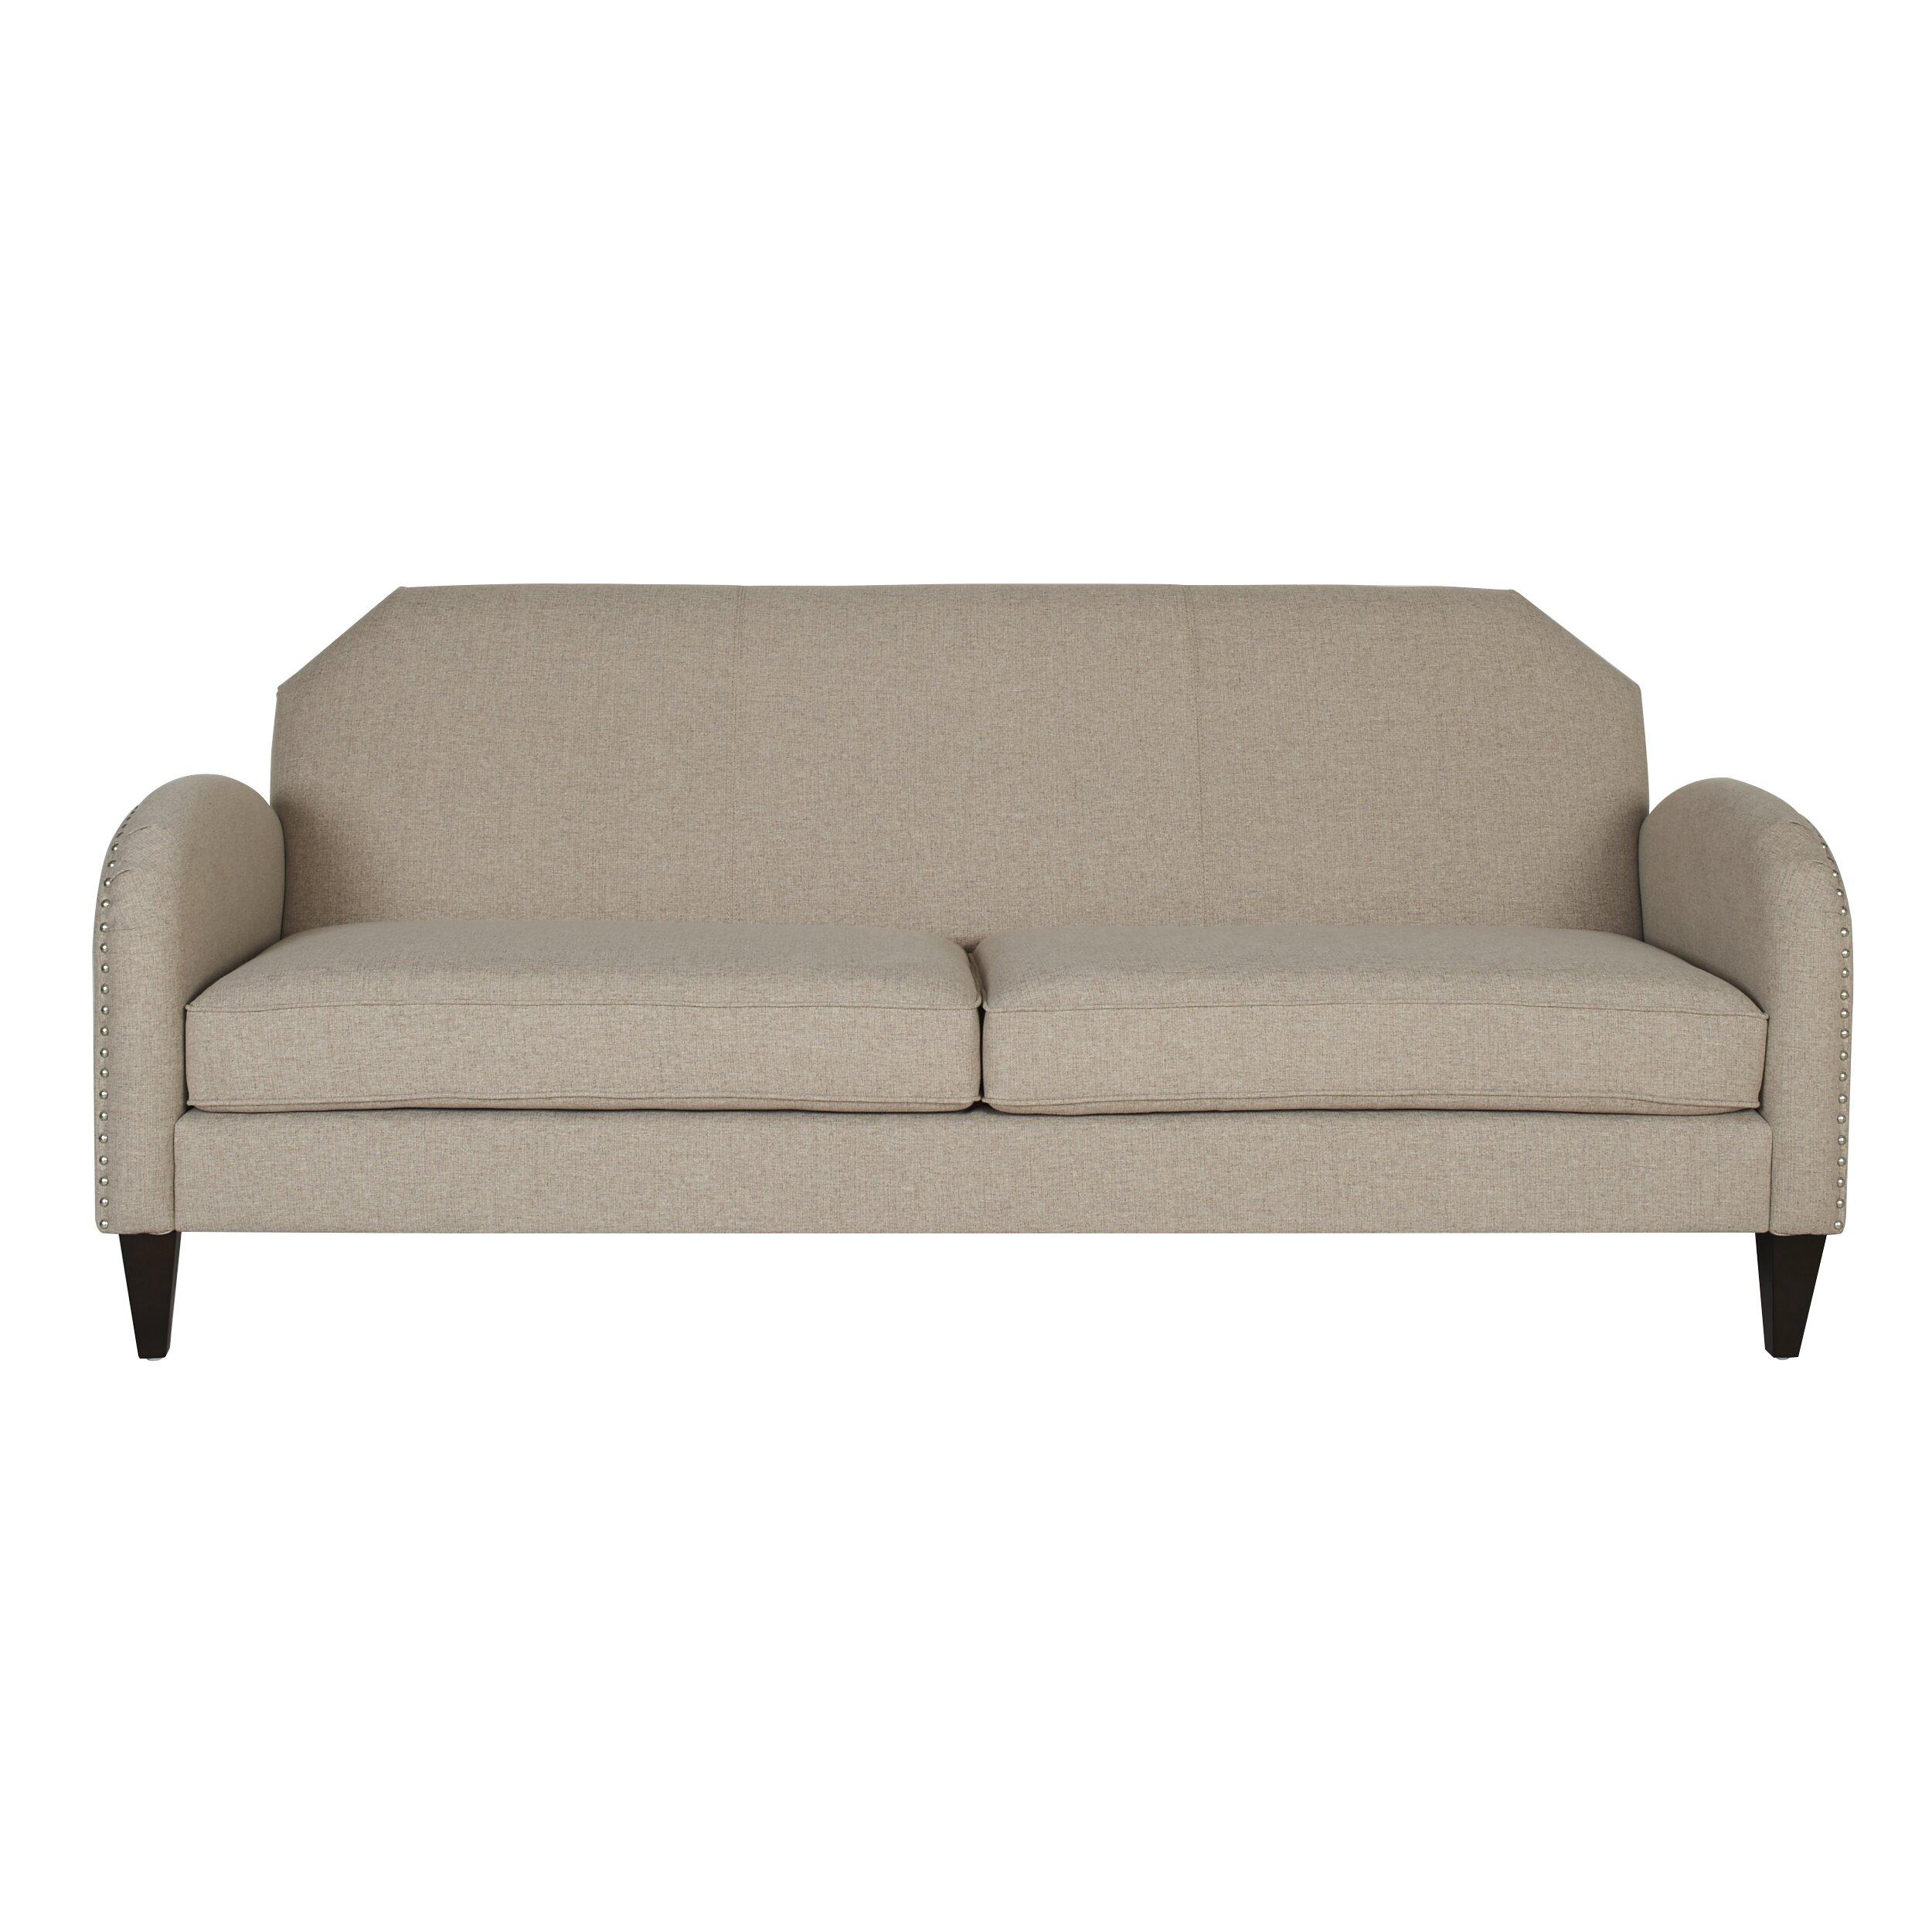 Ella Home Sofa ~ Darby home co ella unique curved arm sofa wayfair